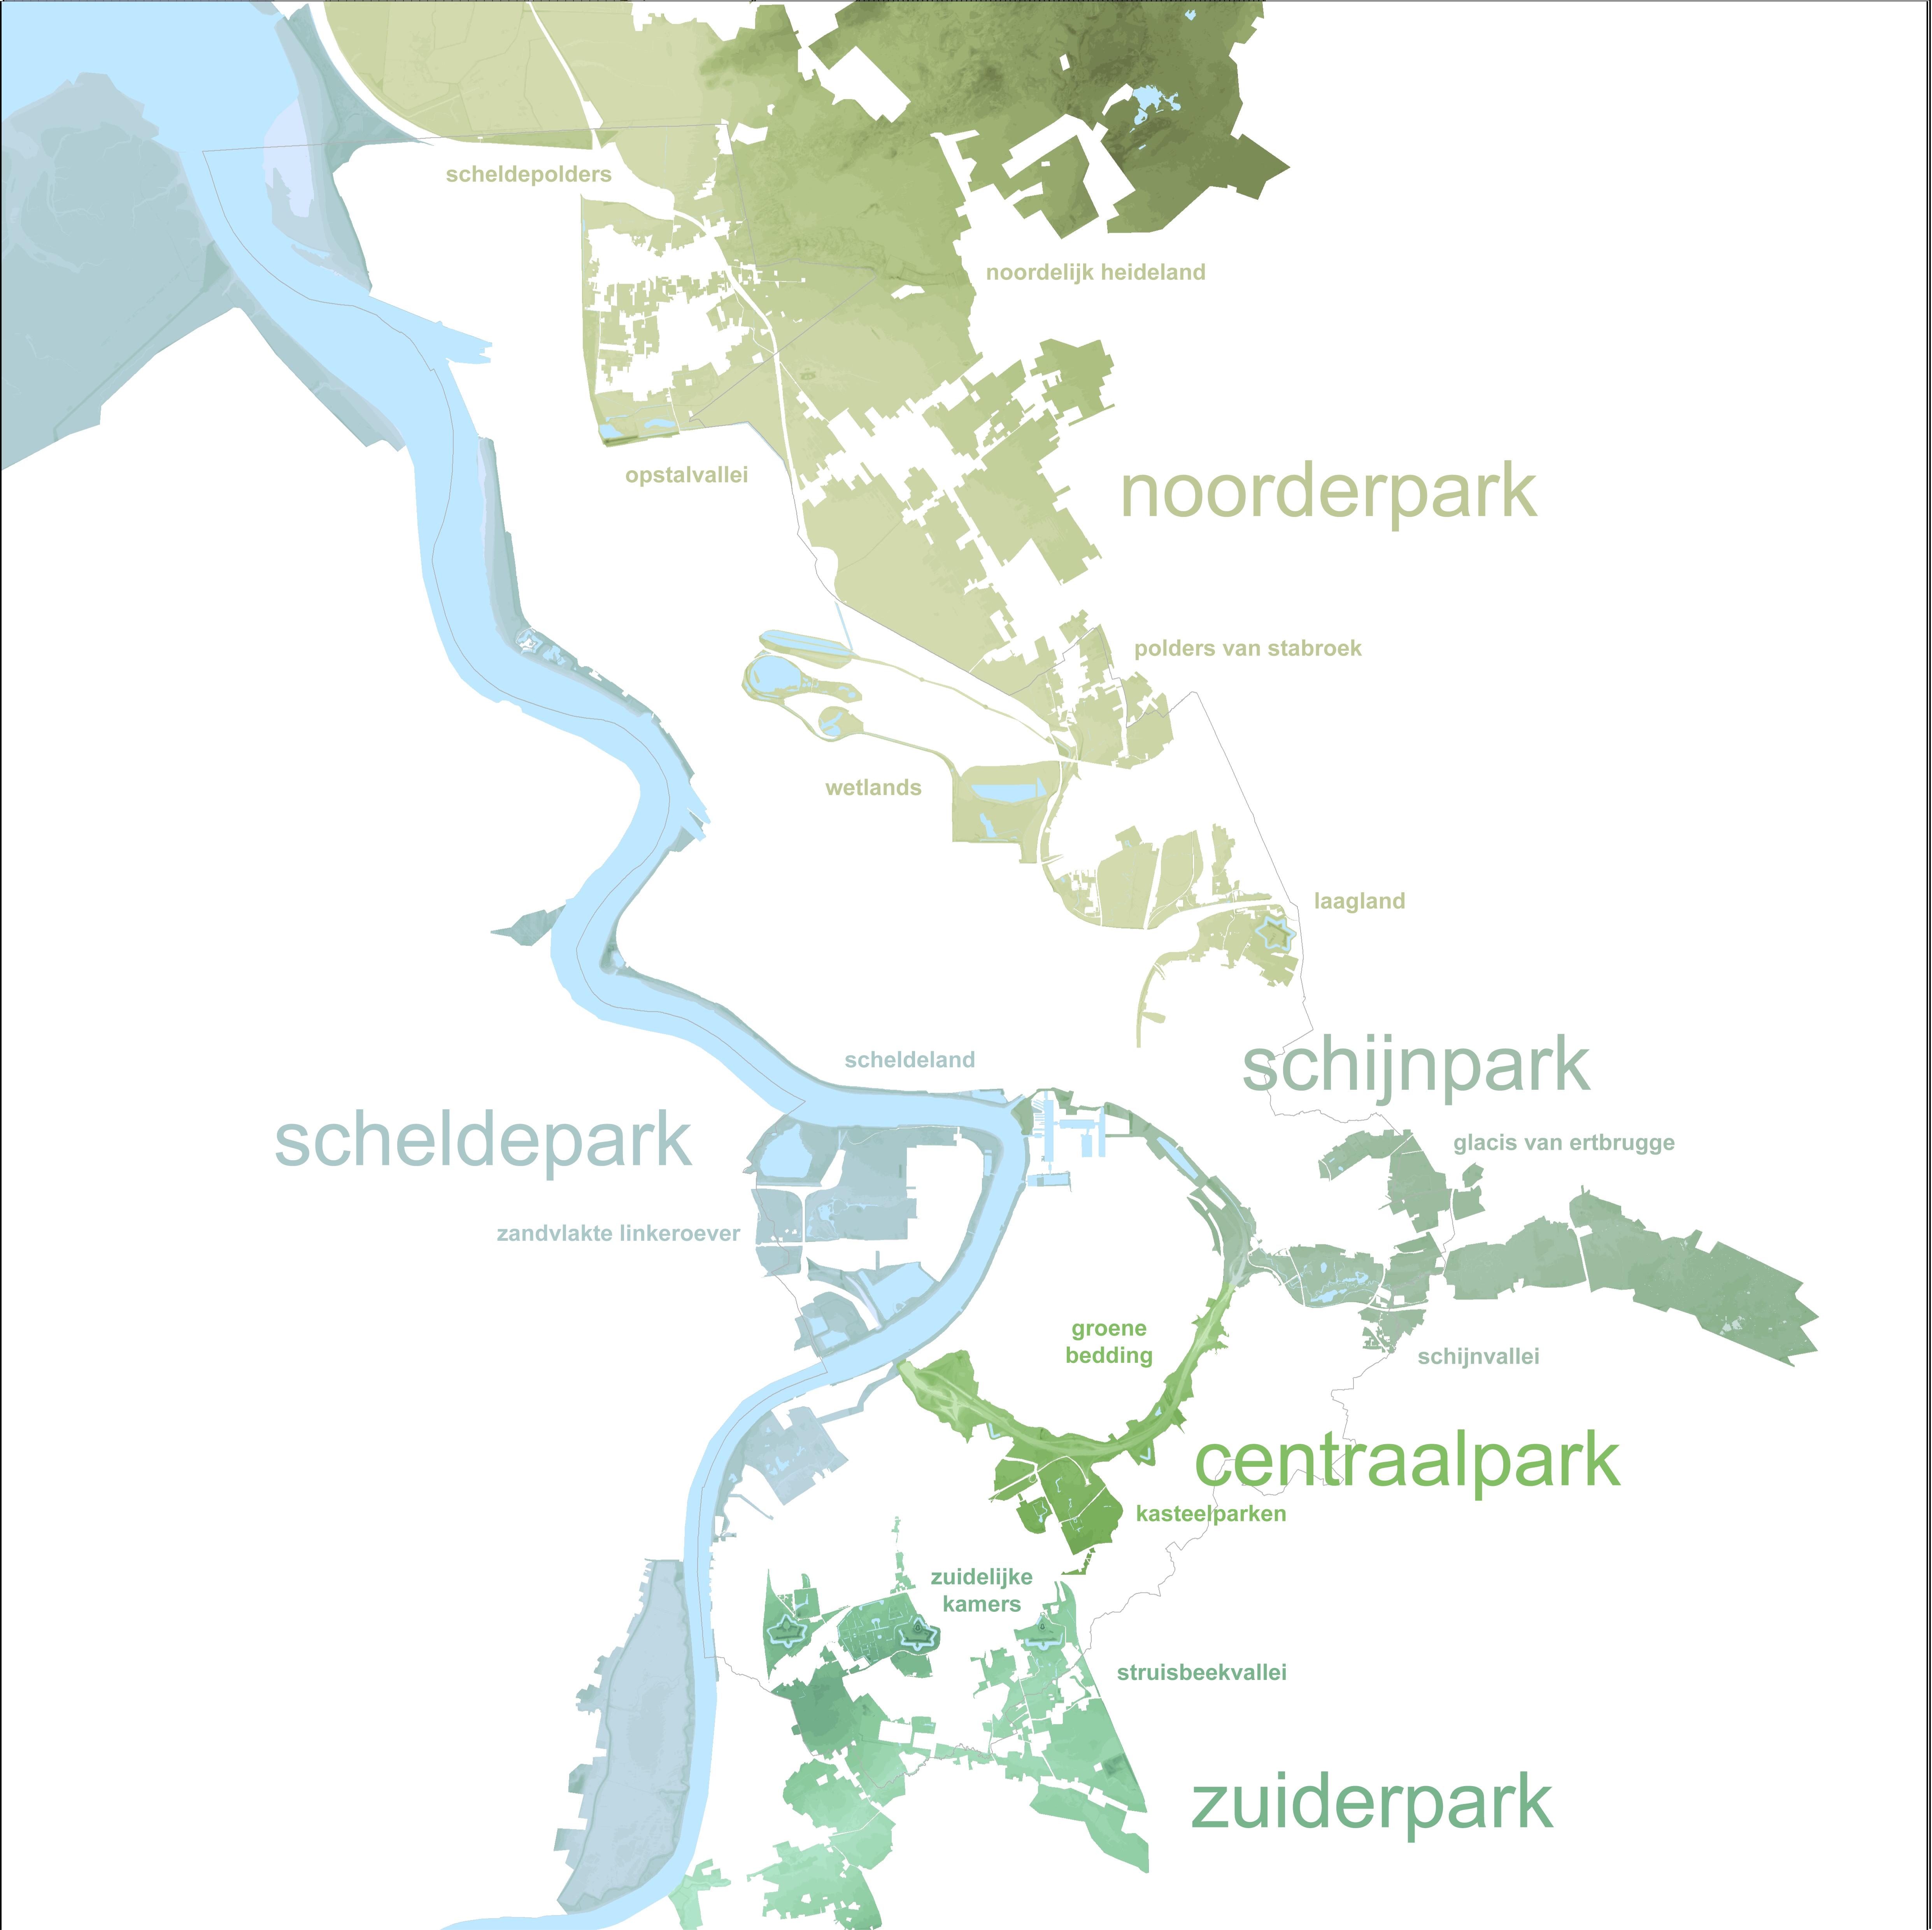 overzicht van de 5 groenstructuren en de 14 groene landschappen.